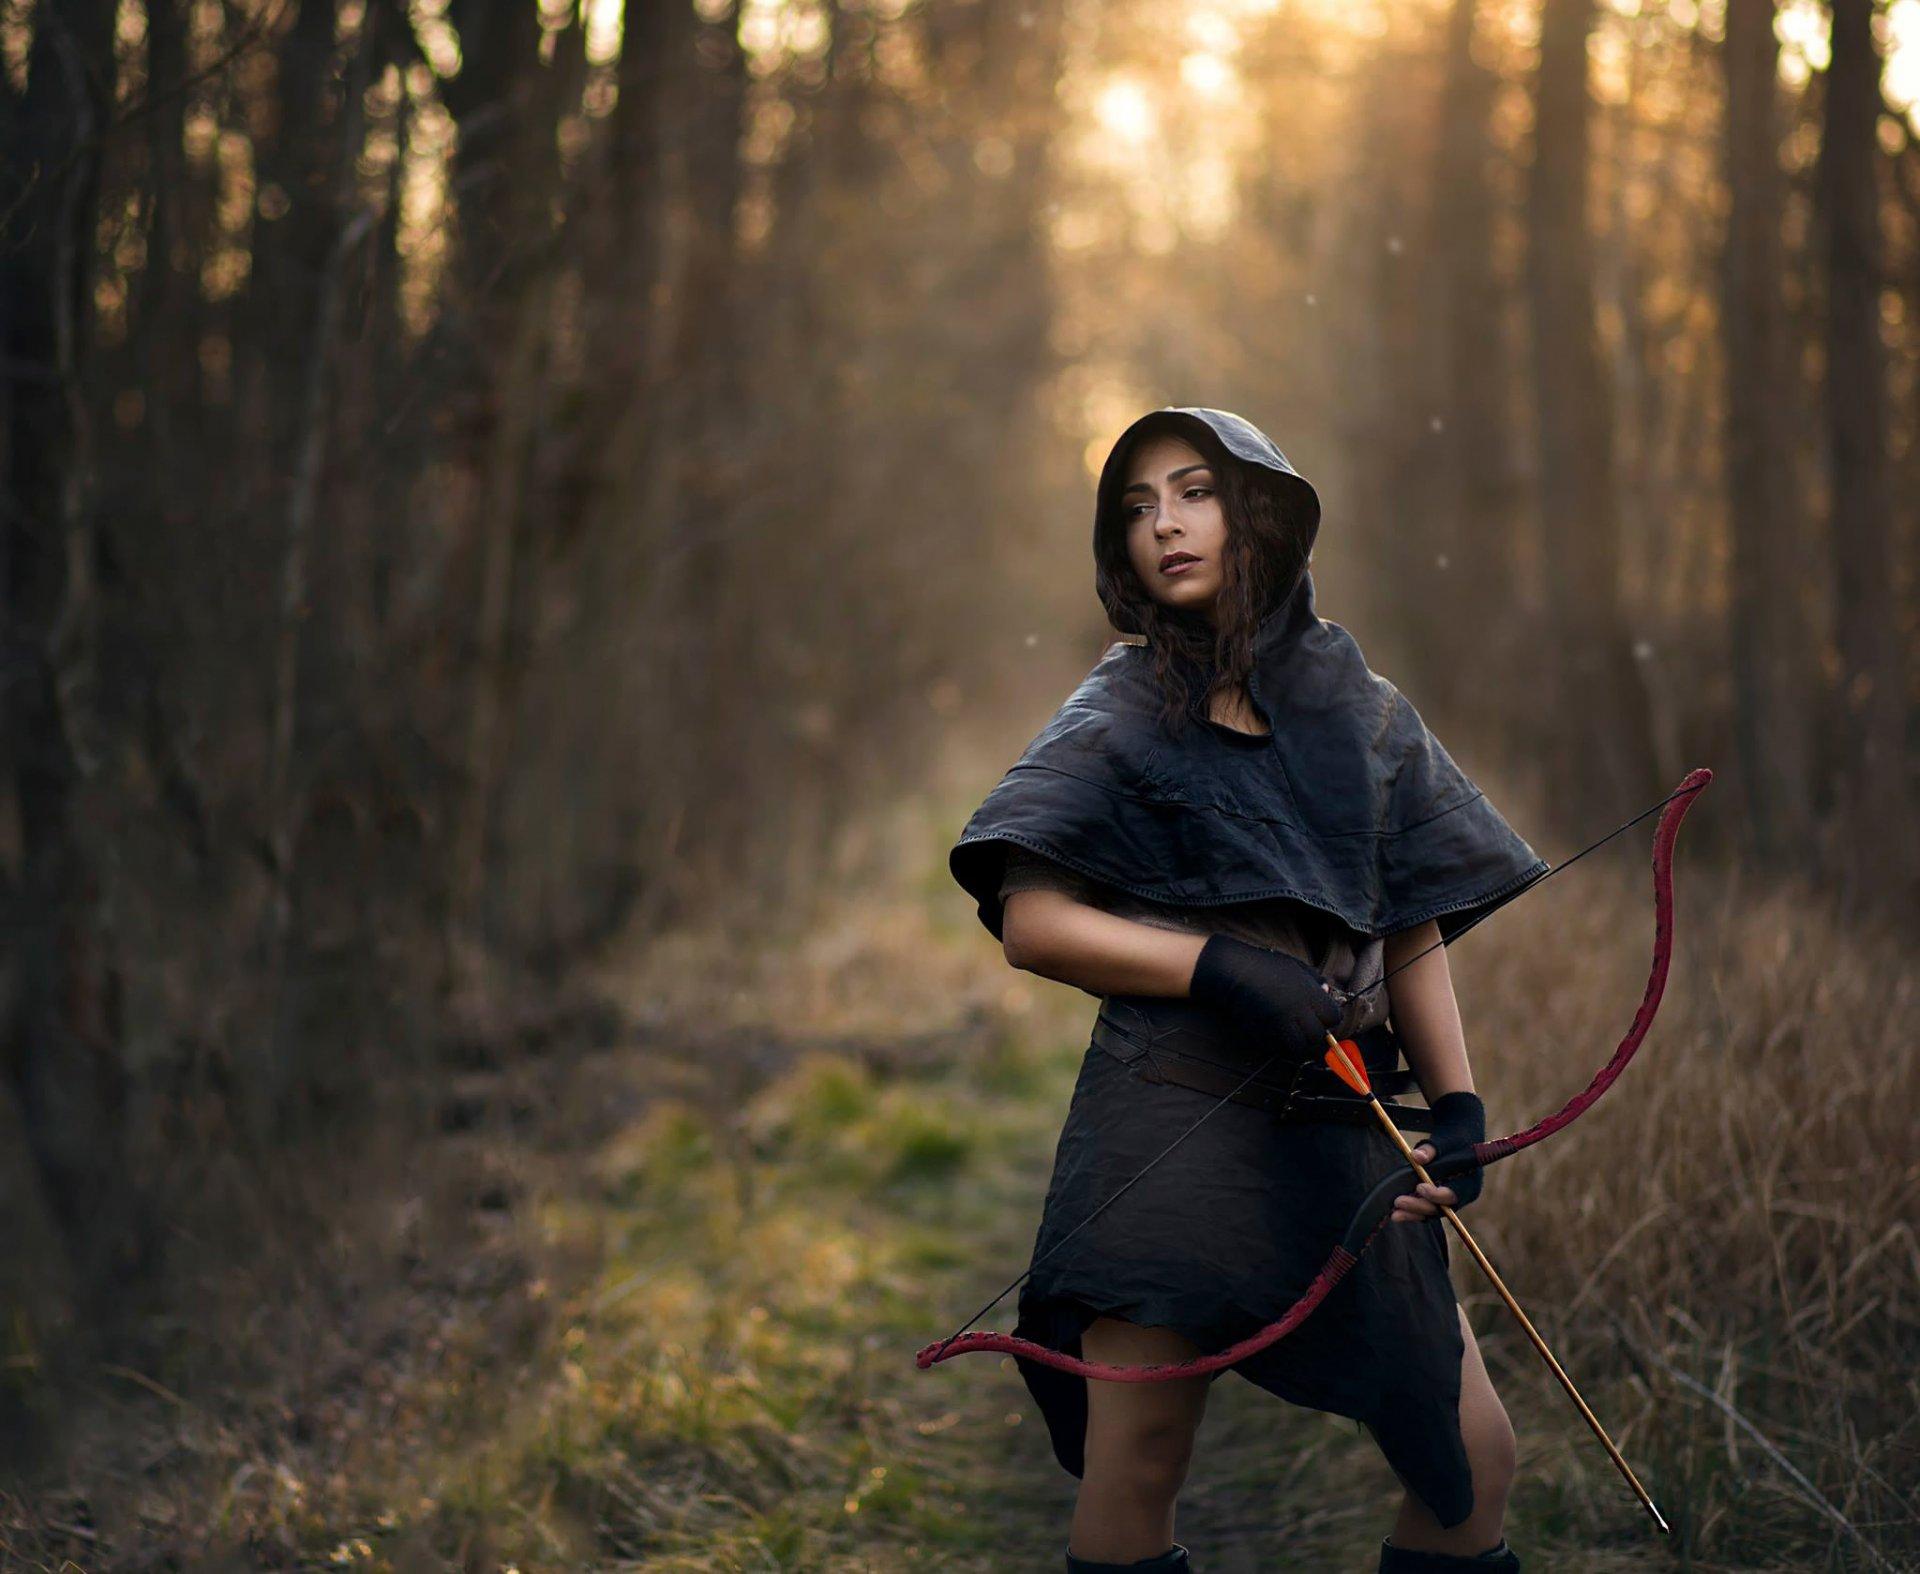 Девушка с луком и стрелами фото